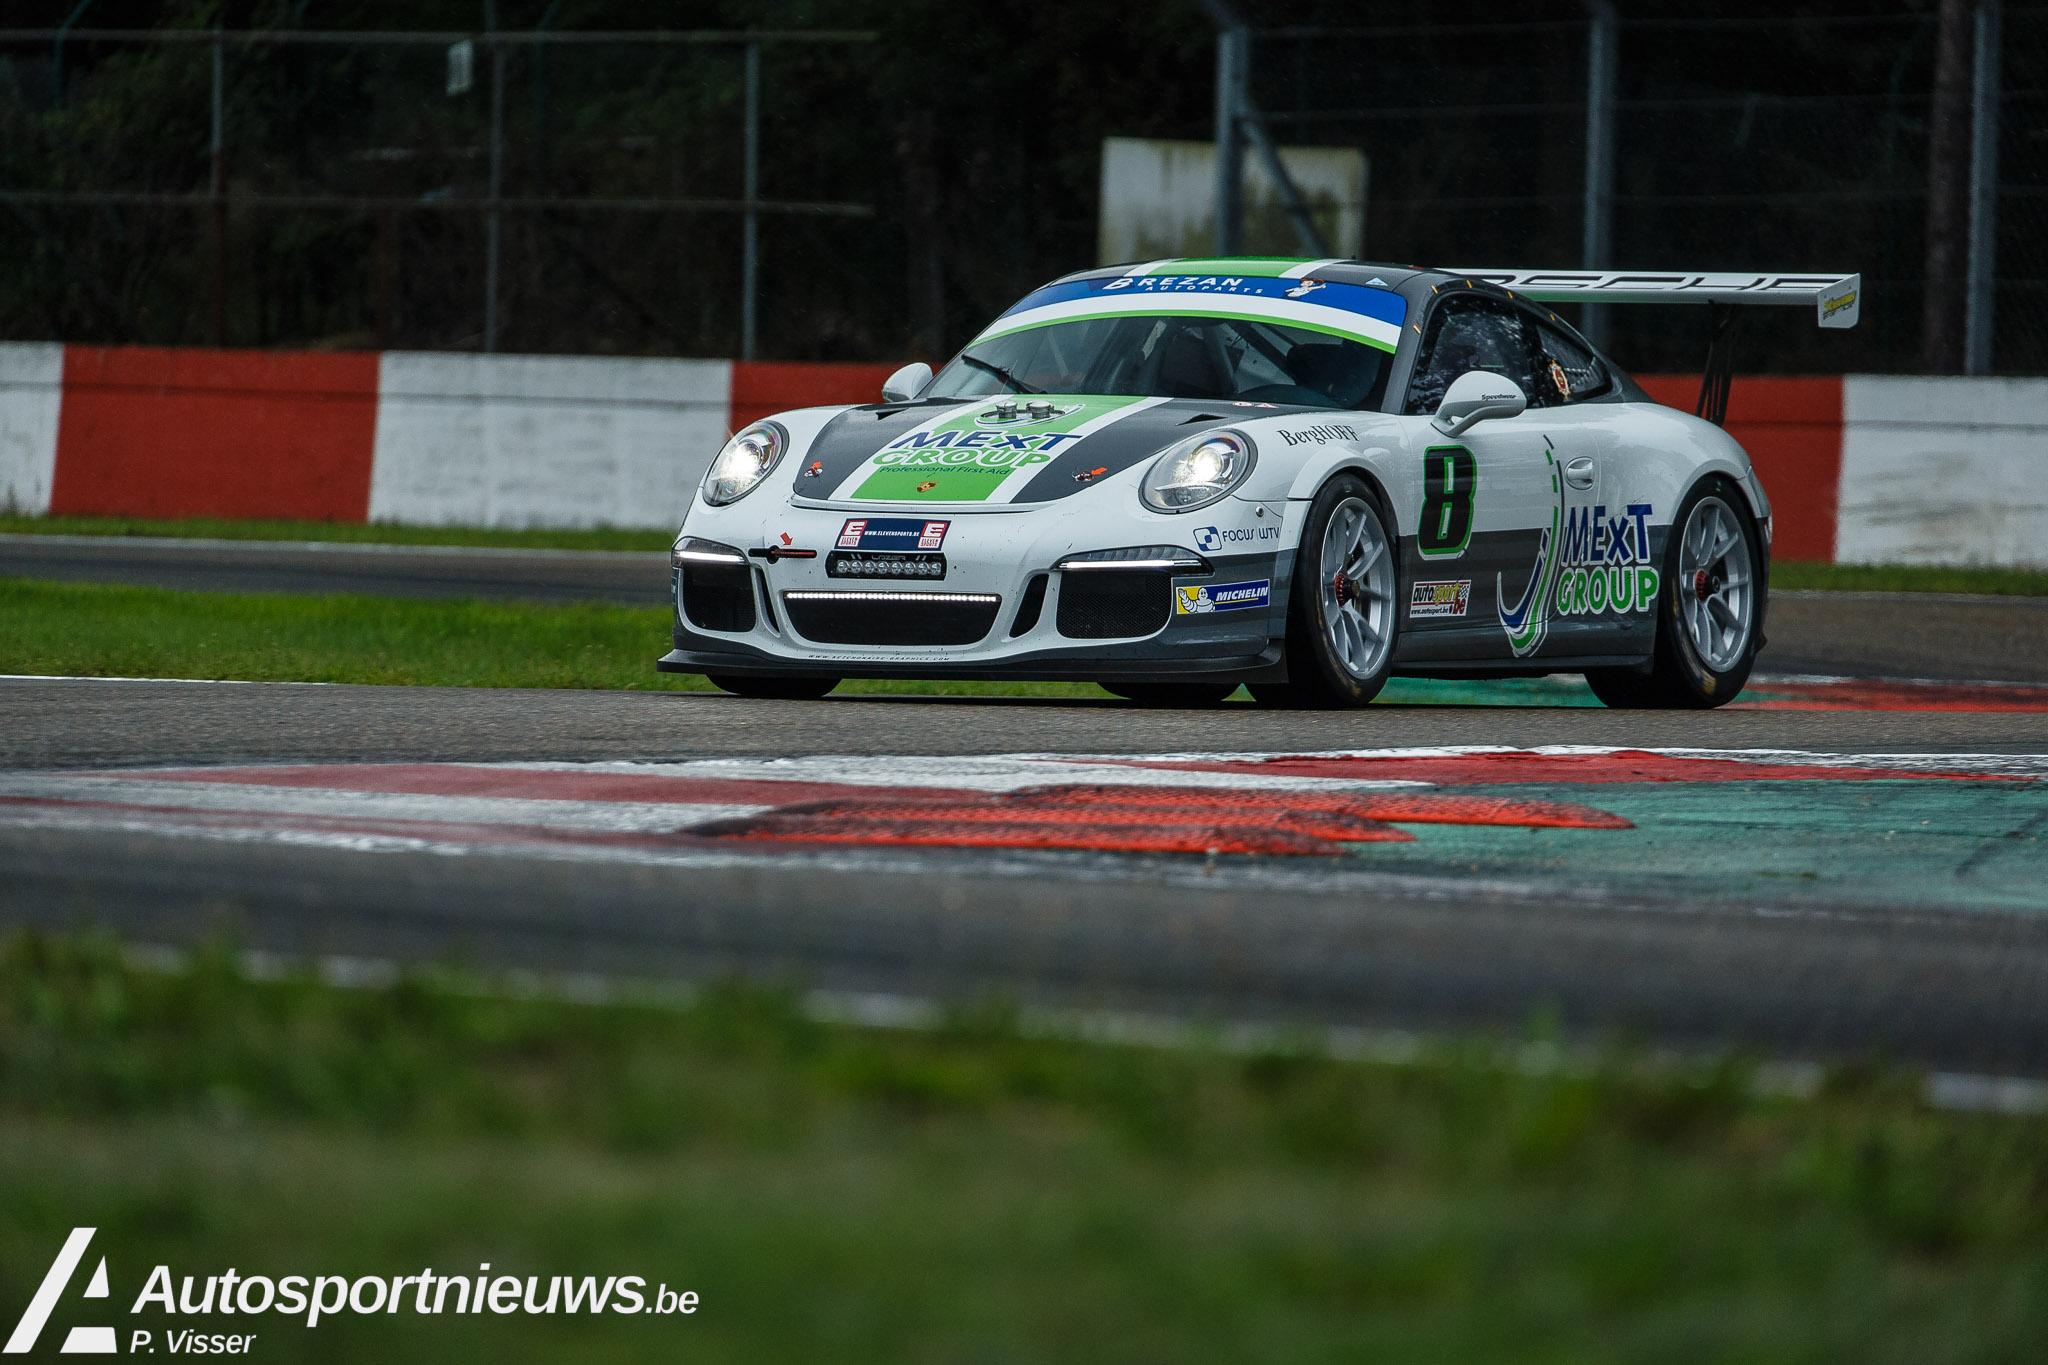 MExT Racing Team legt basis voor titelverlenging via winst in 24 Hours of Zolder